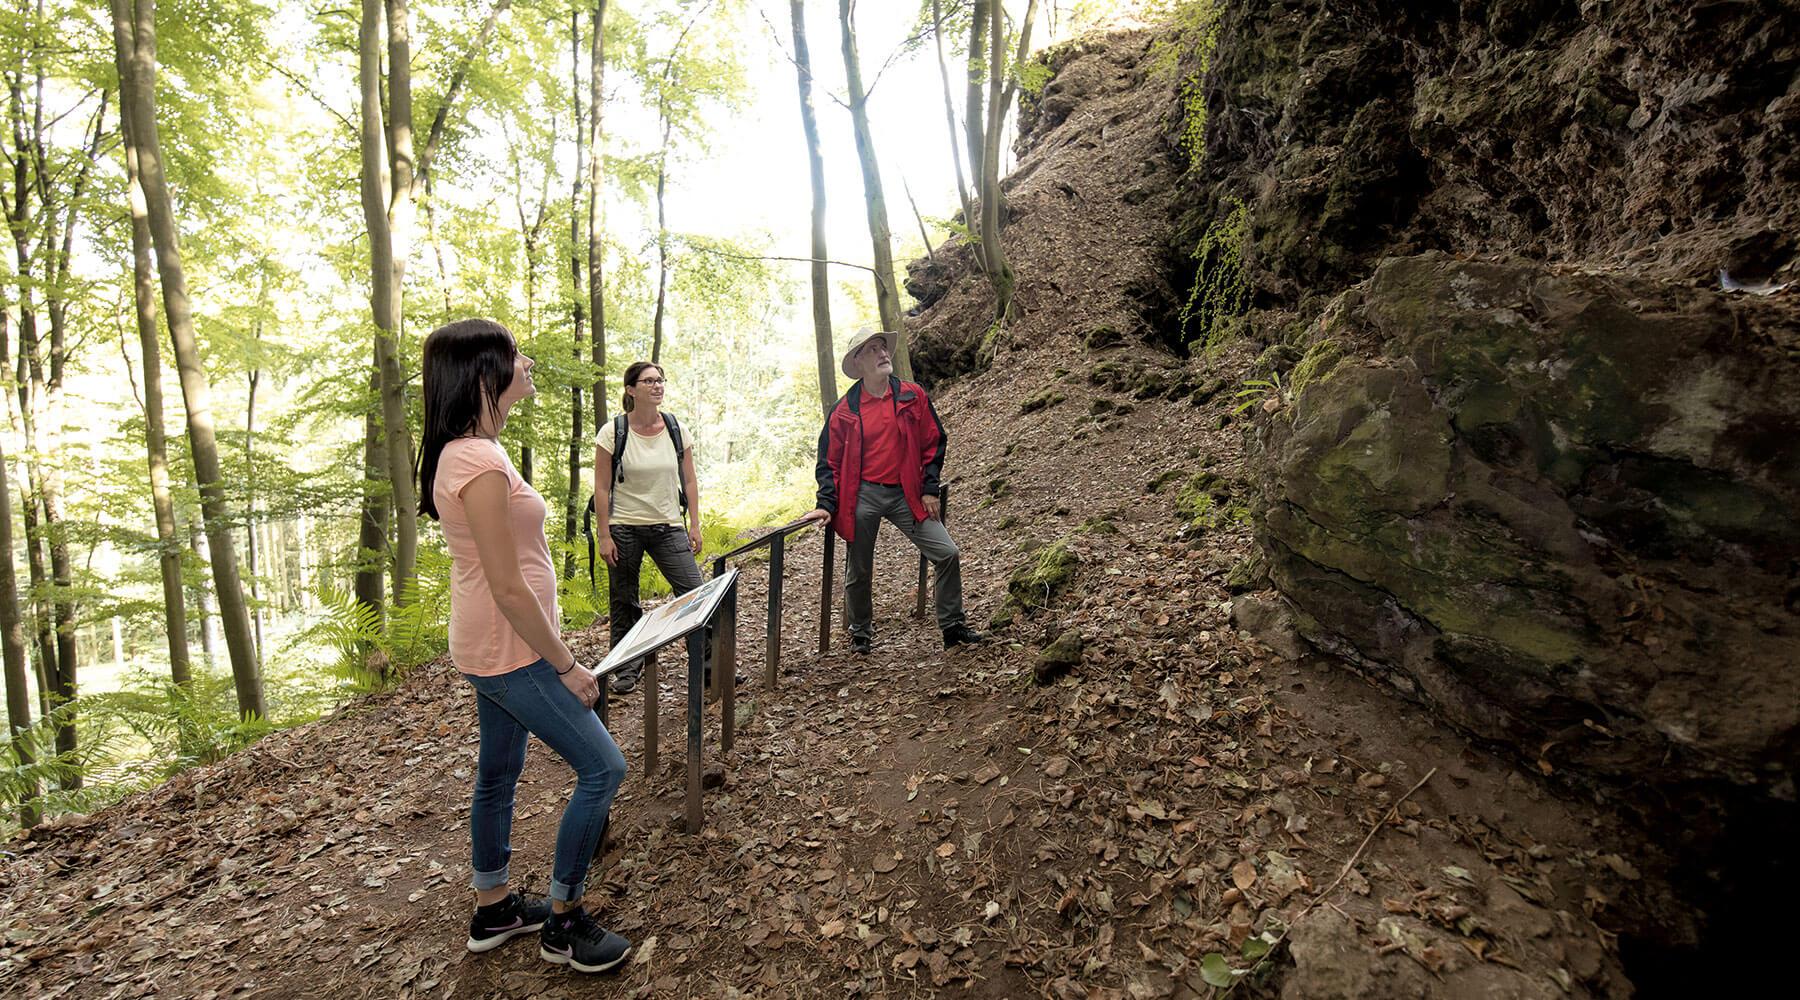 Vulkanpark Kottenheimer Büden Drei Personen betrachten eine Gesteinswand am Kottenheimer Büden